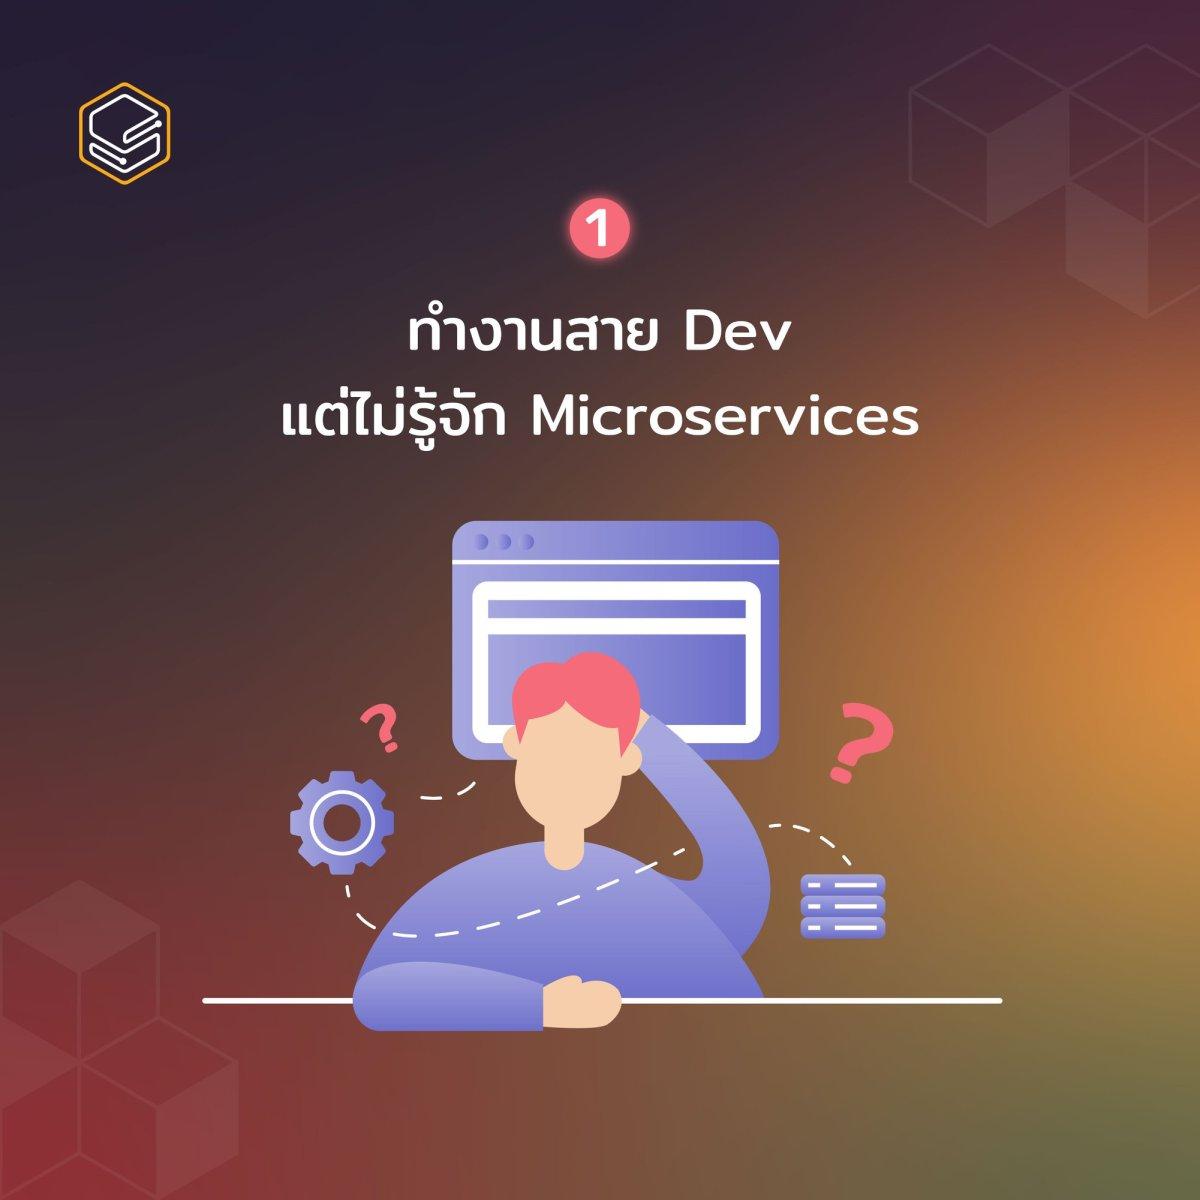 5 สัญญาณที่บอกว่าคุณควรเรียน Microservices   Skooldio Blog